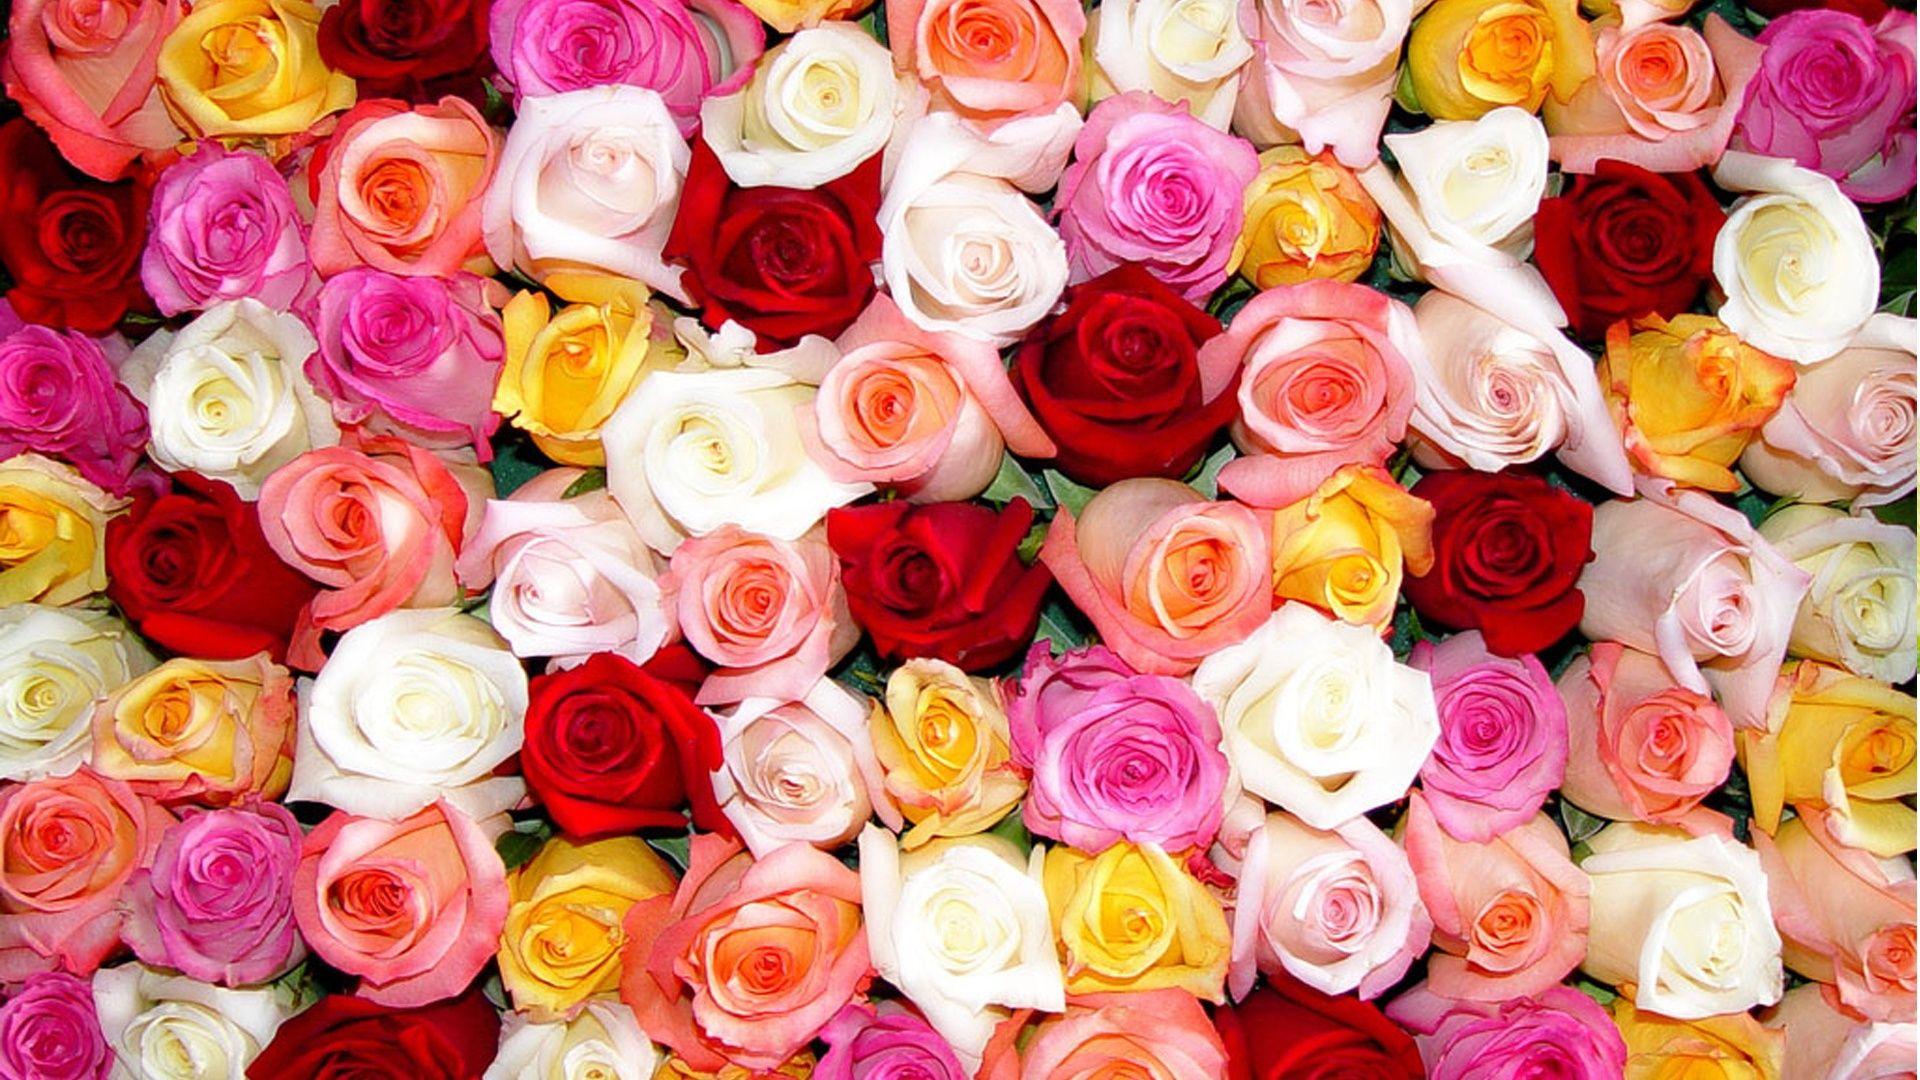 بالصور صور اجمل ورد , صور وقت تزهير الورد رائعة 3224 15